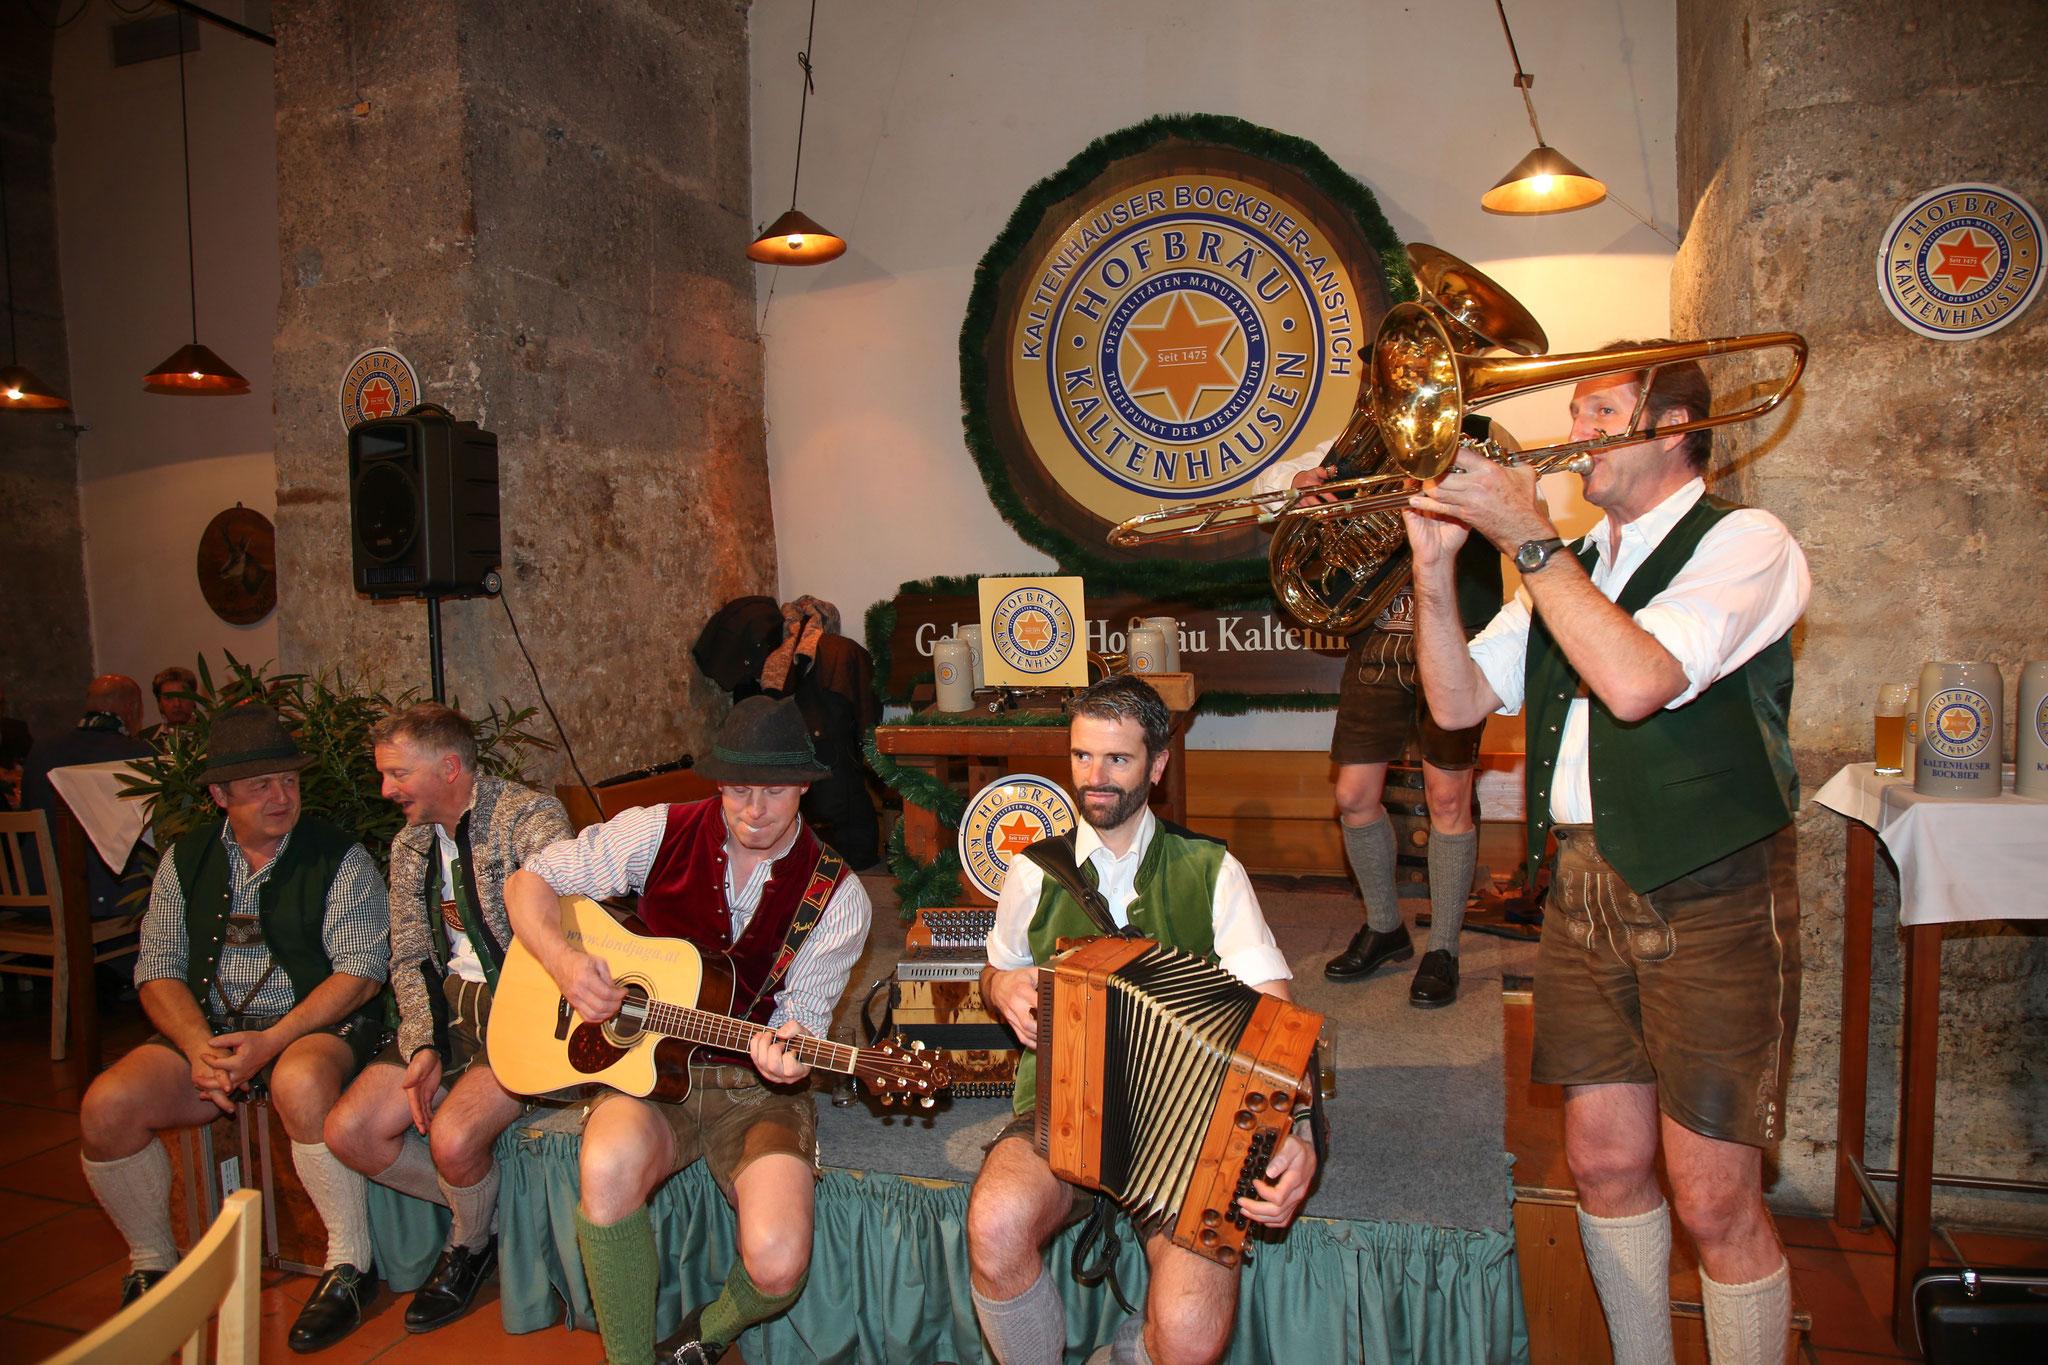 Mit zünftiger steirischer Musik wurde der Abend untermalt!